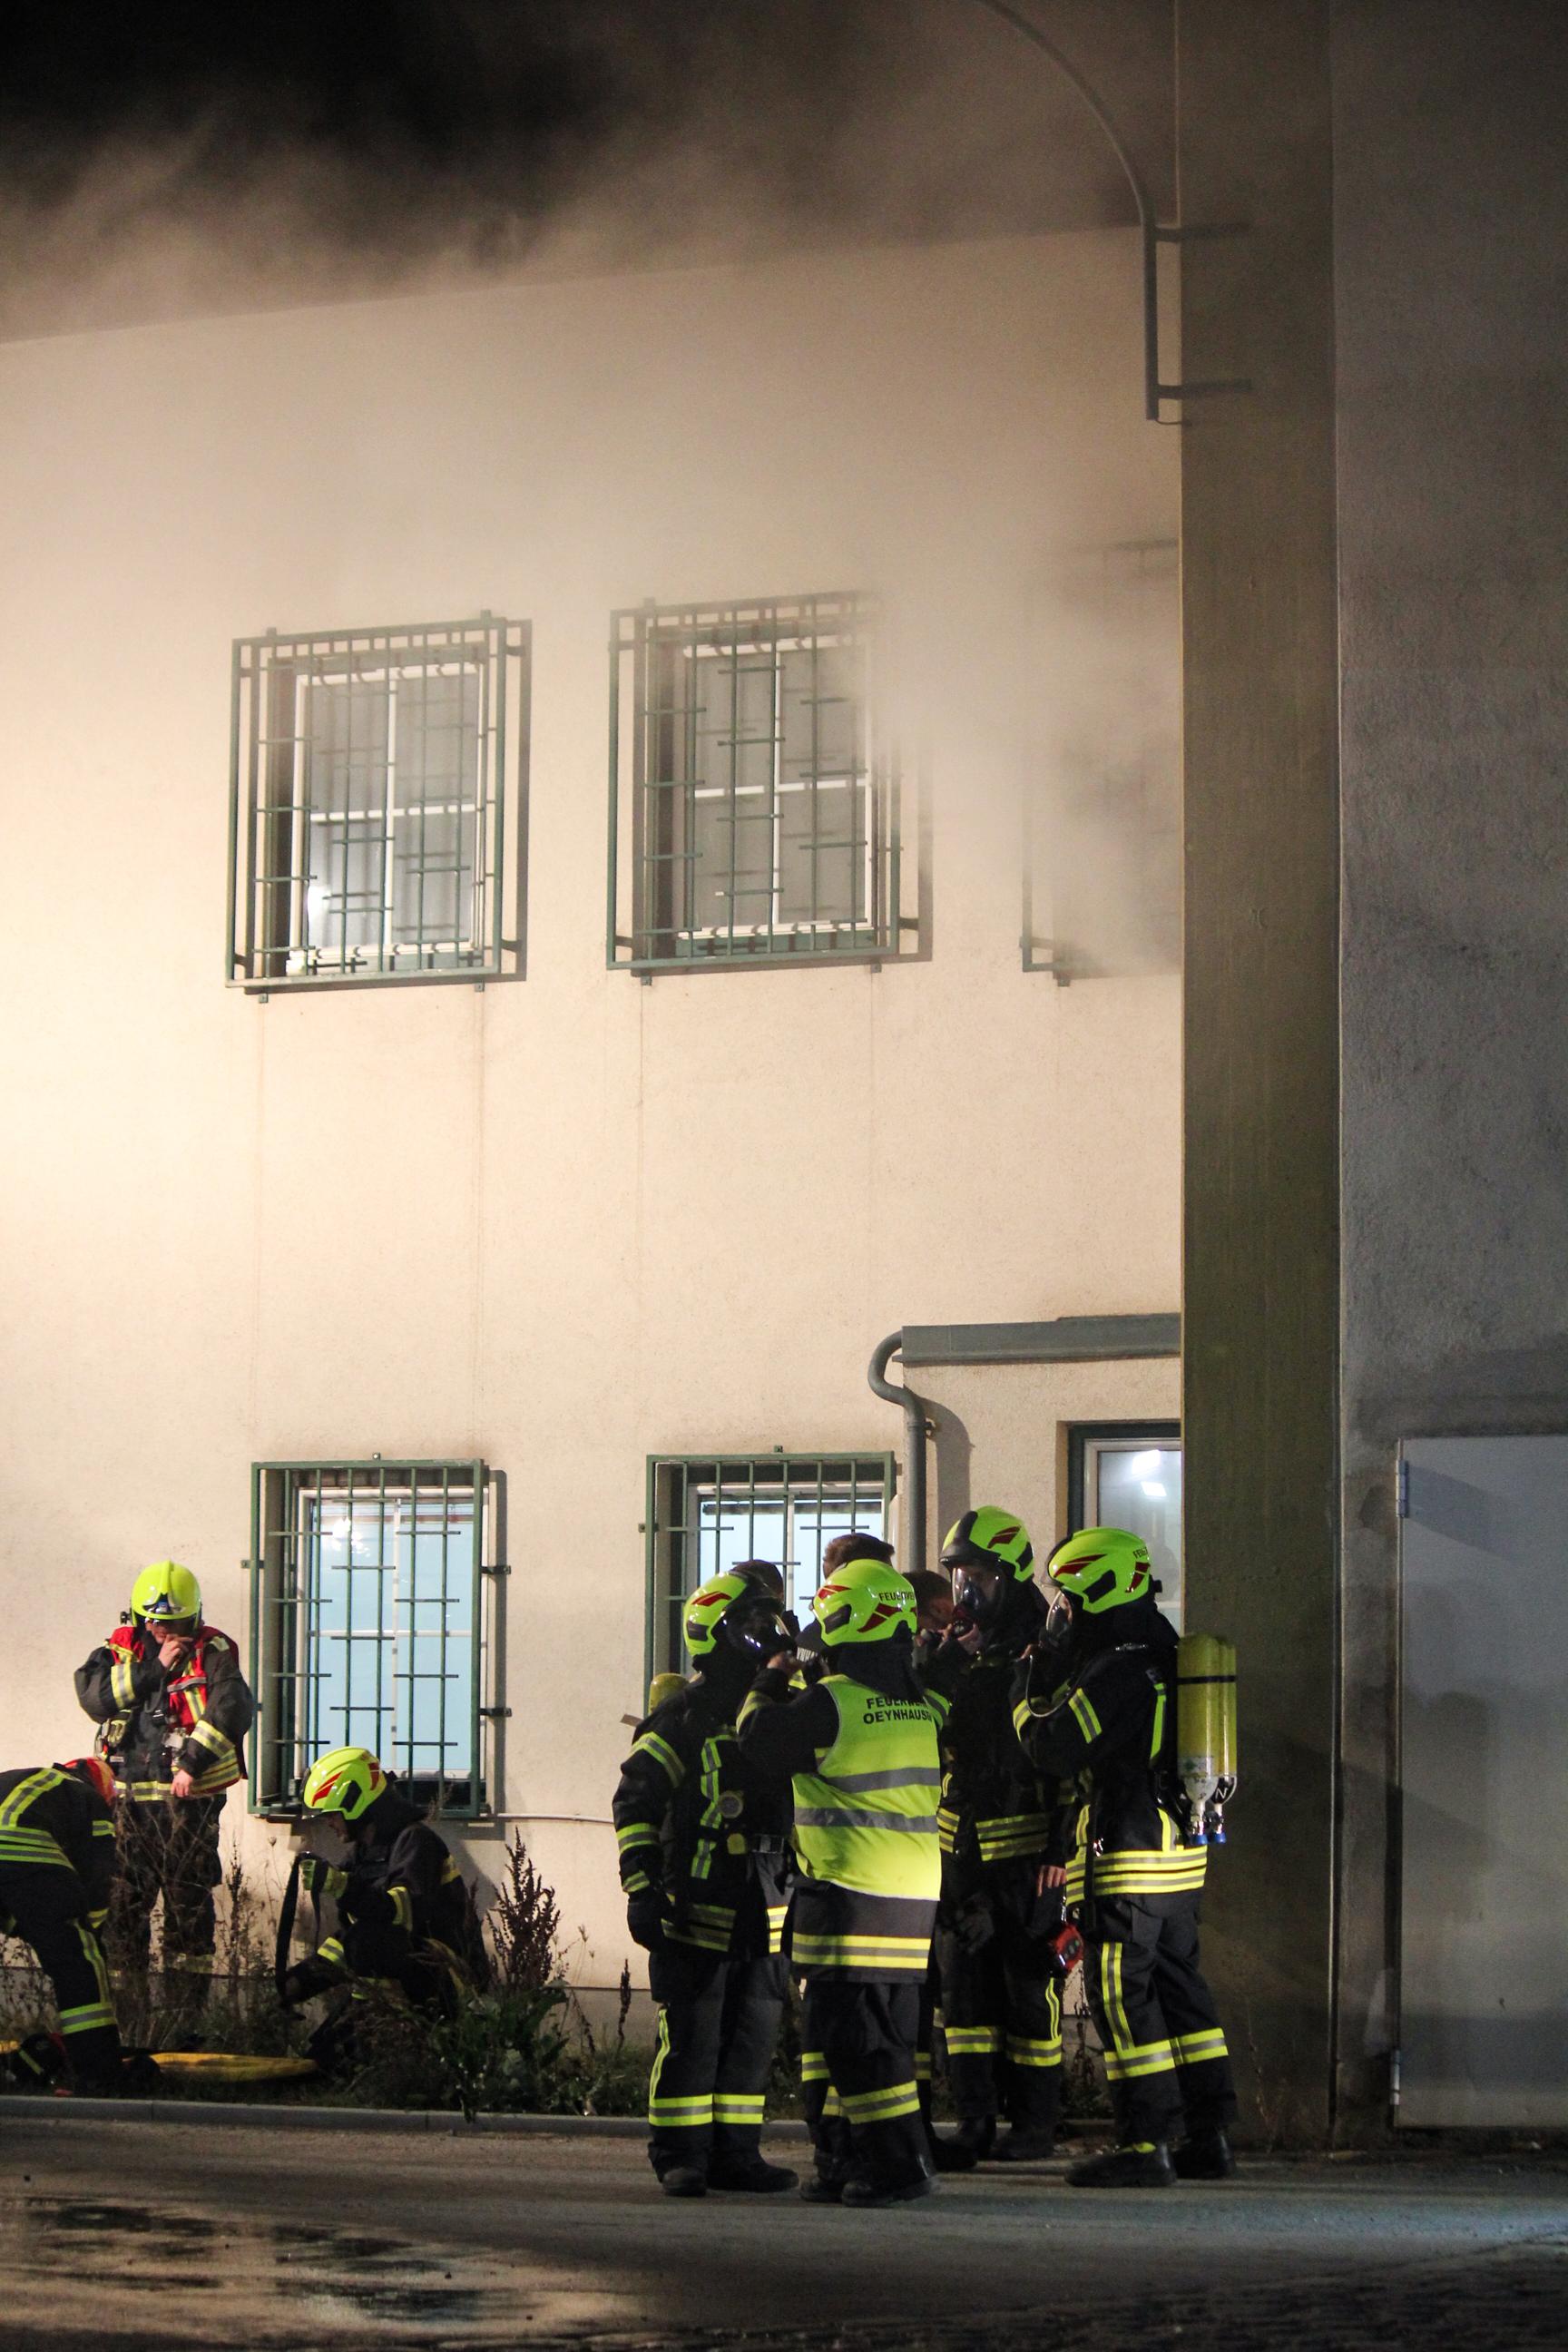 Brandschutzübung_NUA (17 von 23)